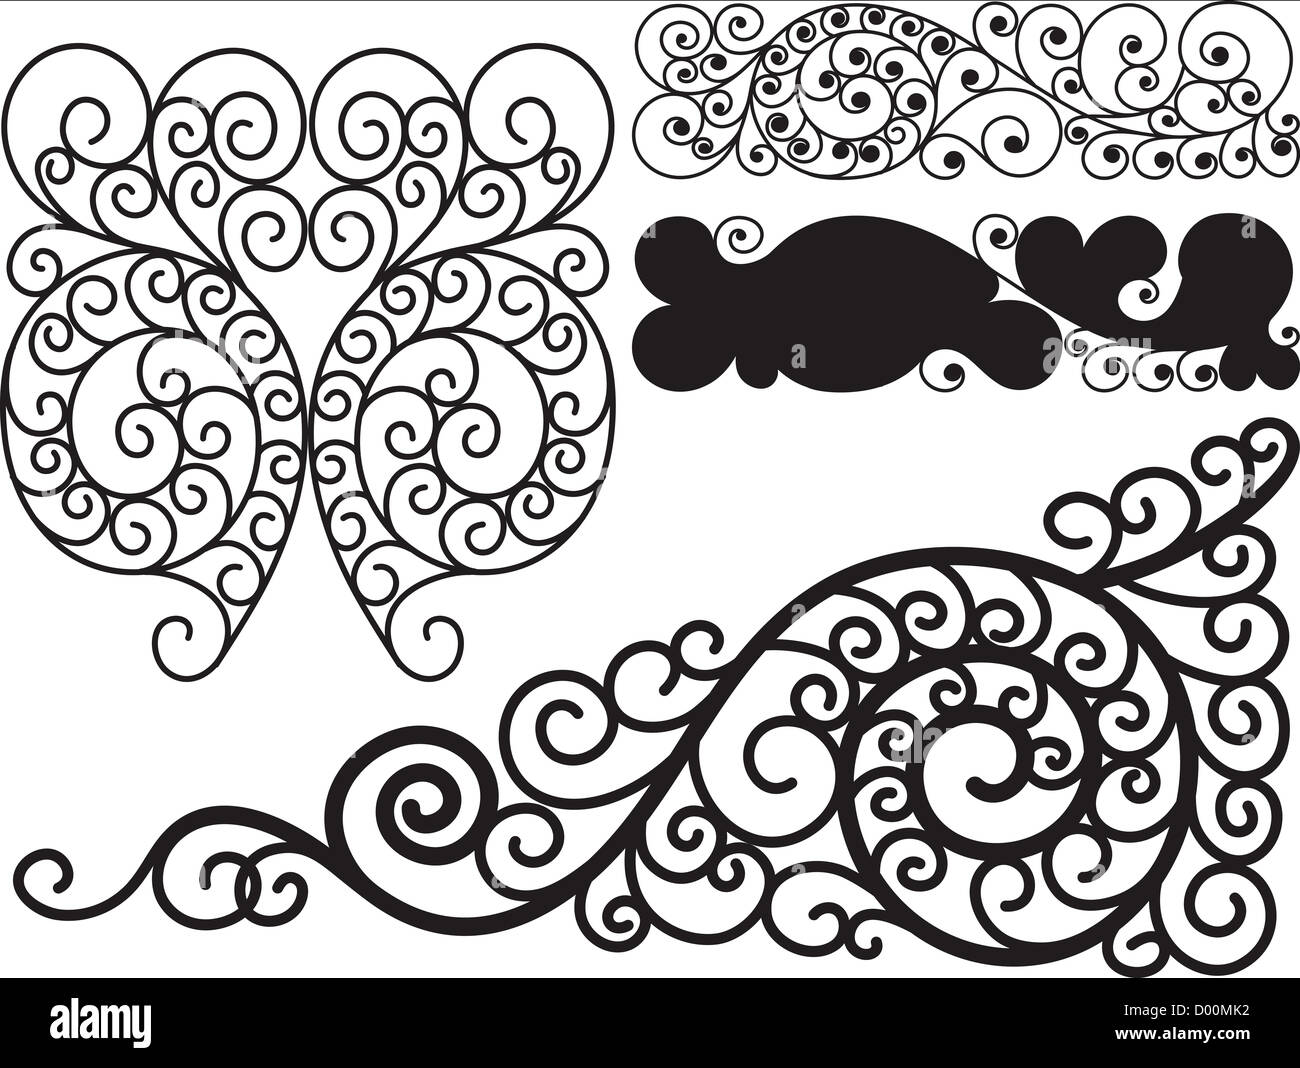 Black and white swirls - Stock Image